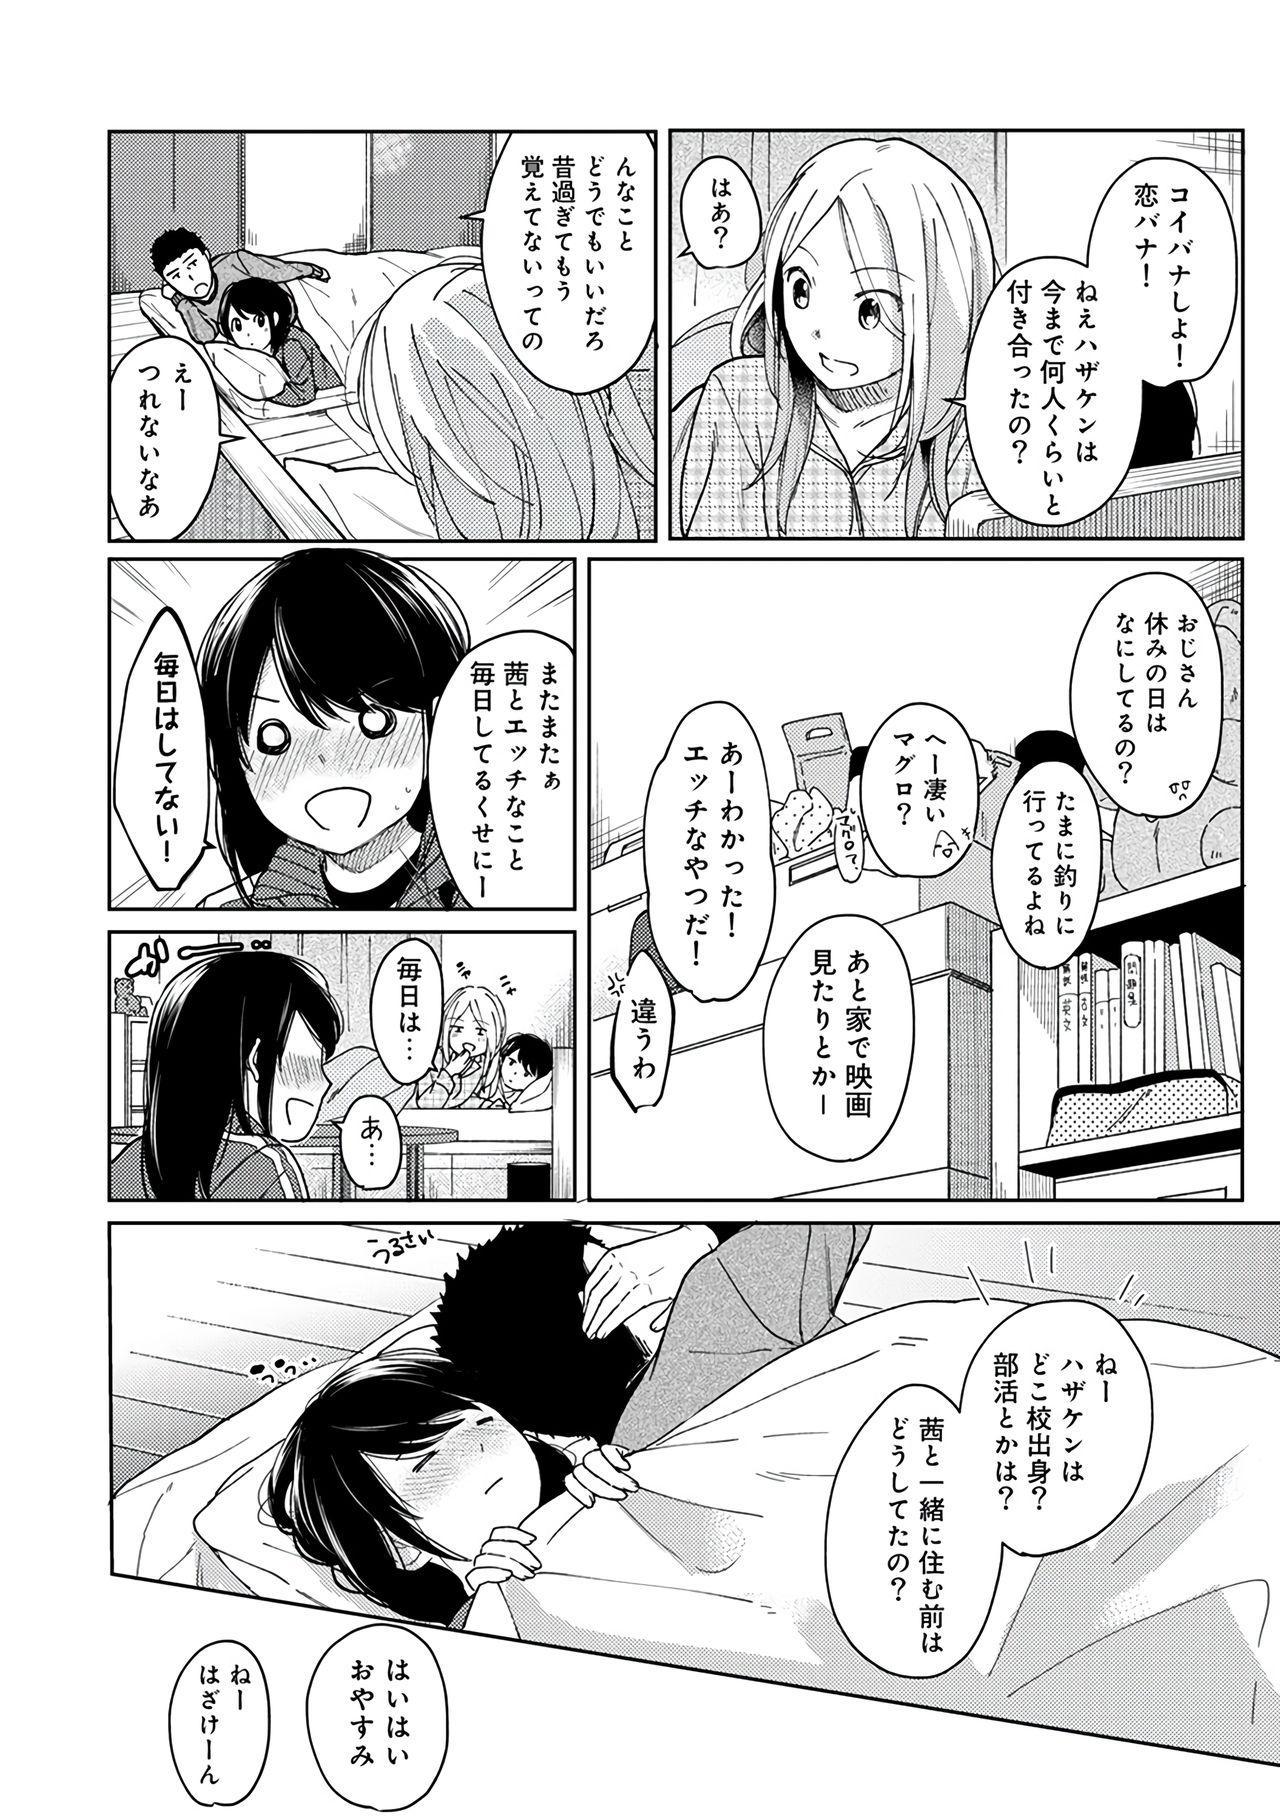 1LDK+JK Ikinari Doukyo? Micchaku!? Hatsu Ecchi!!? Vol.2 91